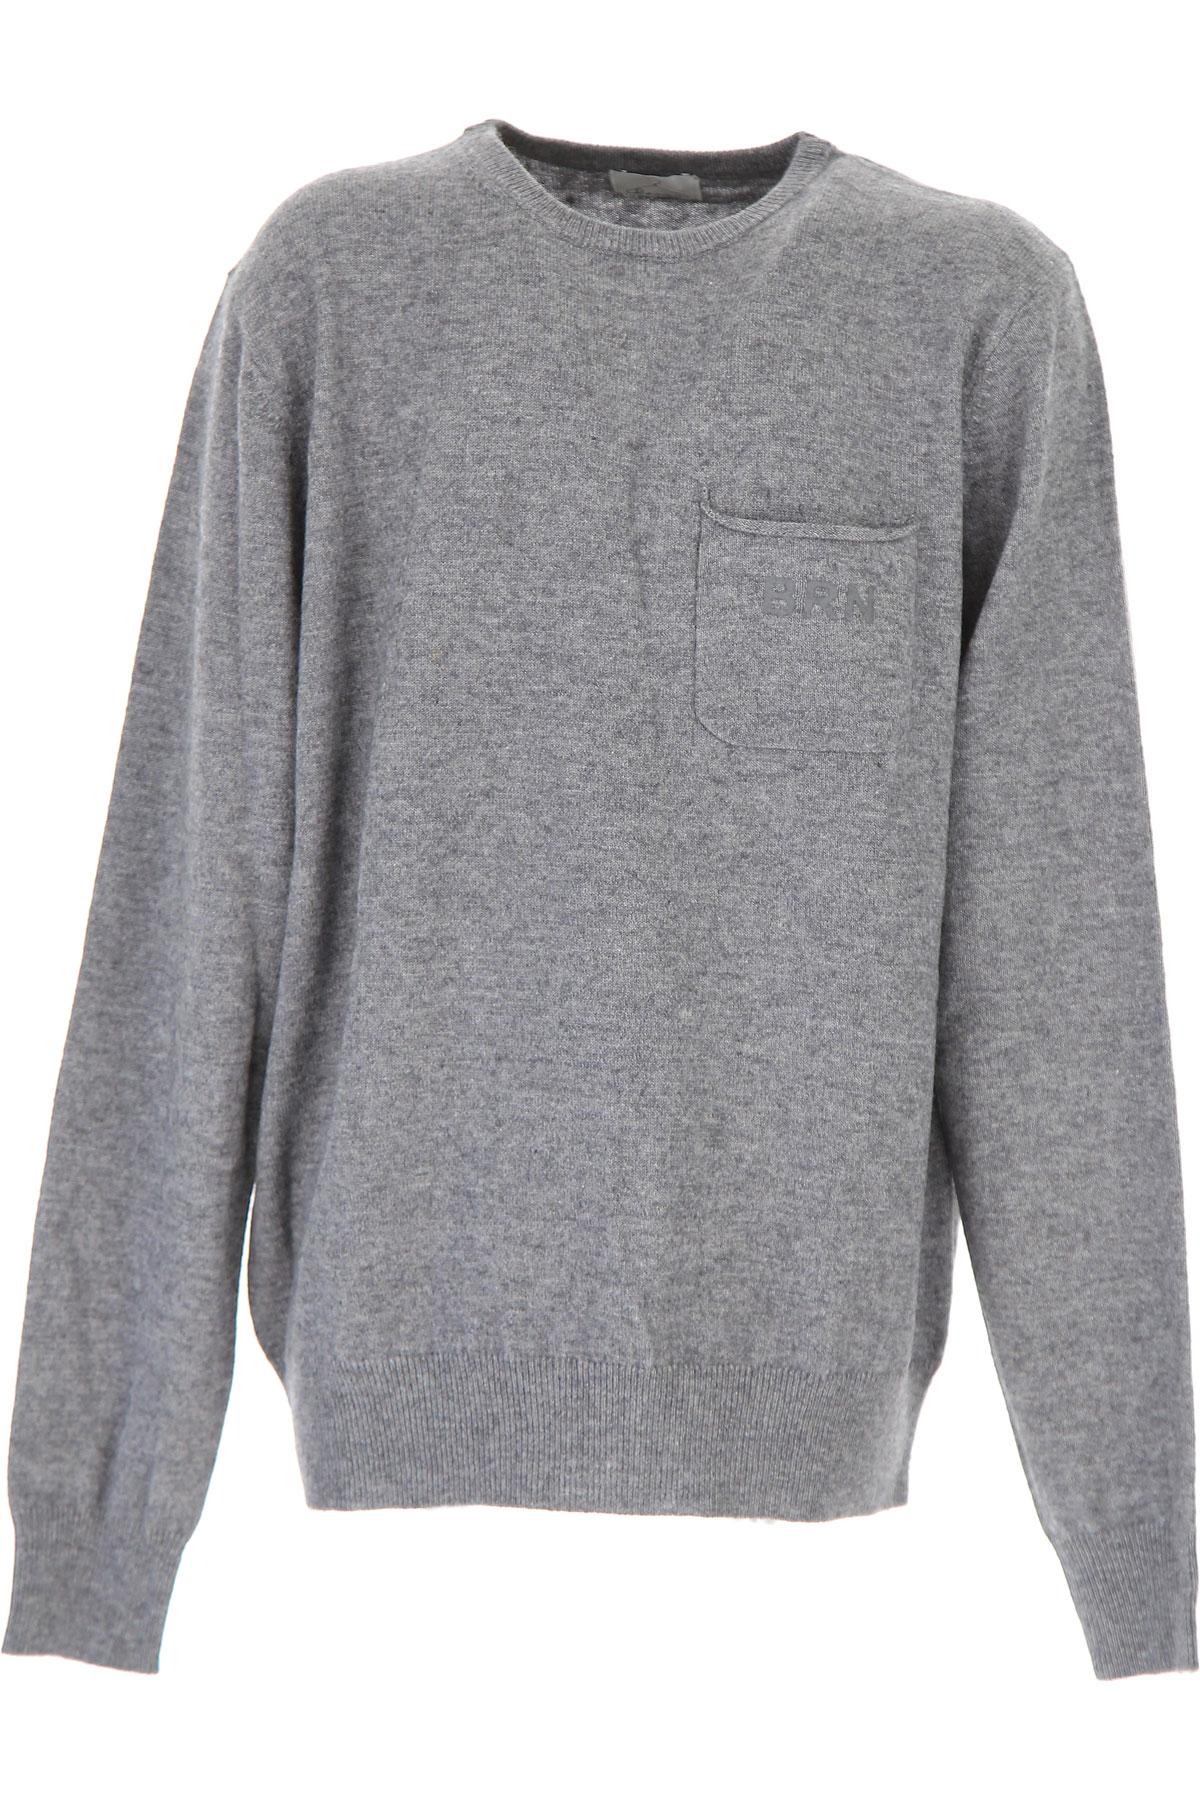 Image of Berna Kids Sweaters for Boys, Grey Melange, Wool, 2017, 14Y 16Y